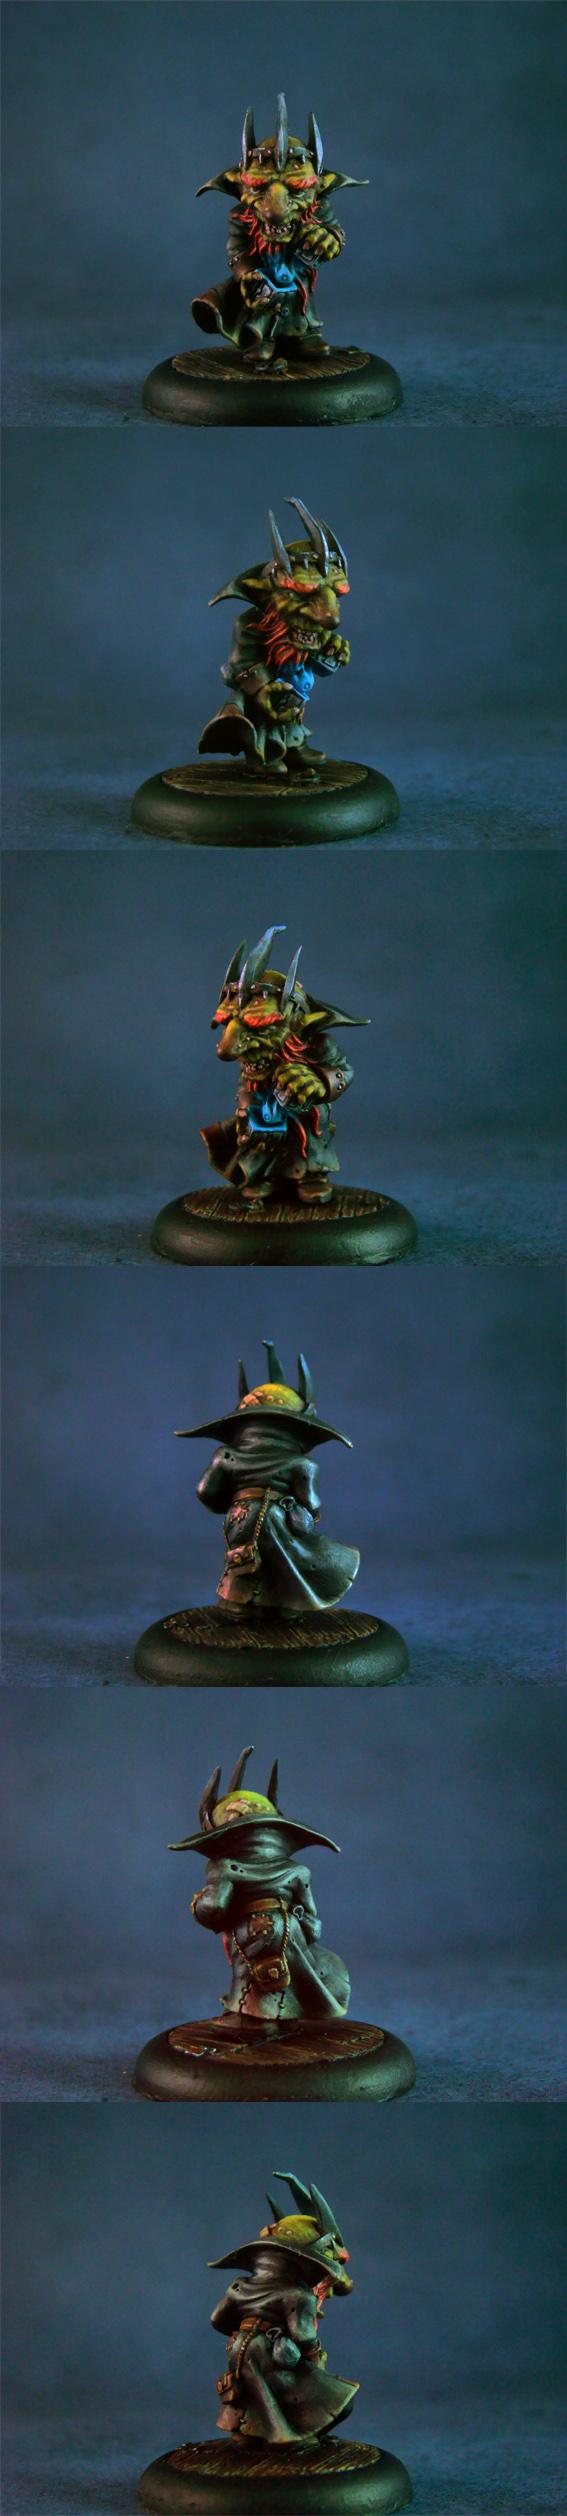 rackham goblin mega